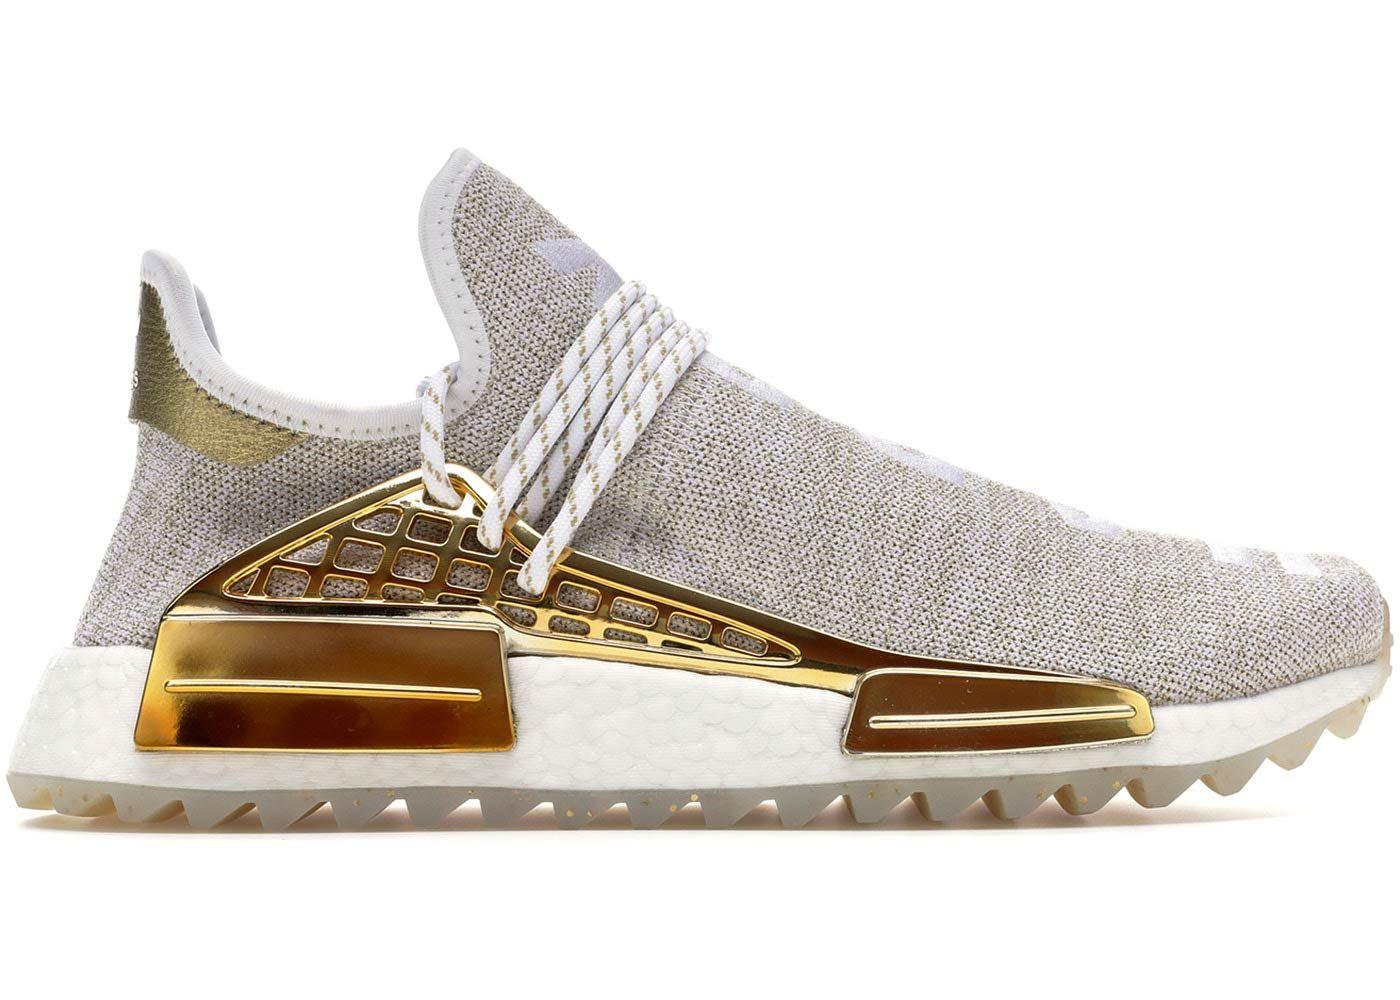 Estos Son Los 5 Tenis Más Caros Del Mundo Bleu Blanc Nike Air Mag Tenis Zapatos Hombre